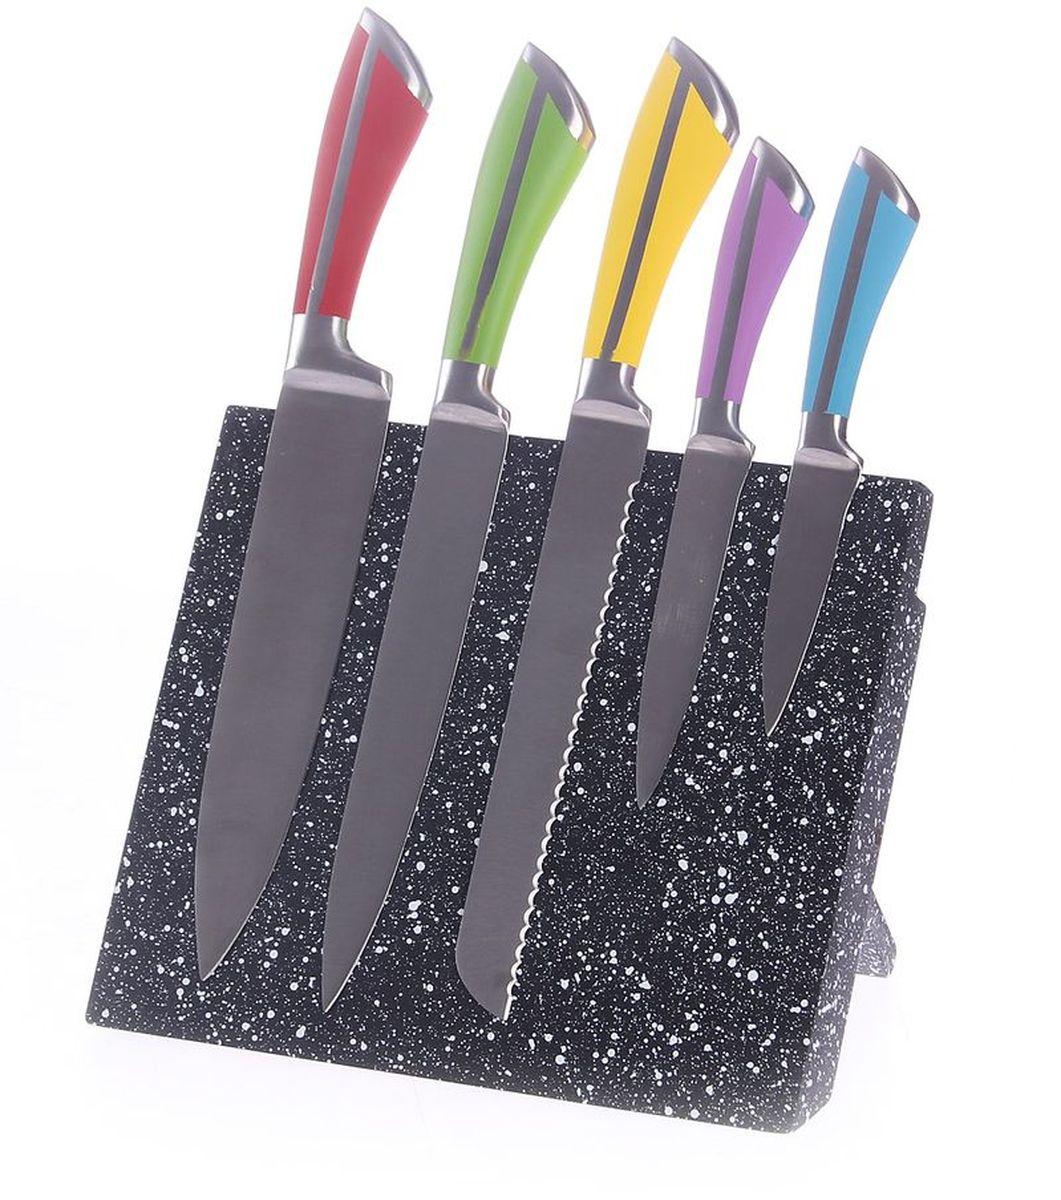 Набор ножей 6 предметов (на магнитной доске), шт, PATRICIAIM99-4701Набор ножей включает в себя 5 ножей, выполненных из высококачественной стали и магнитную подставку. Нож всегда был незаменимым атрибутом на кухне .Этот набор станет отличным подарком.